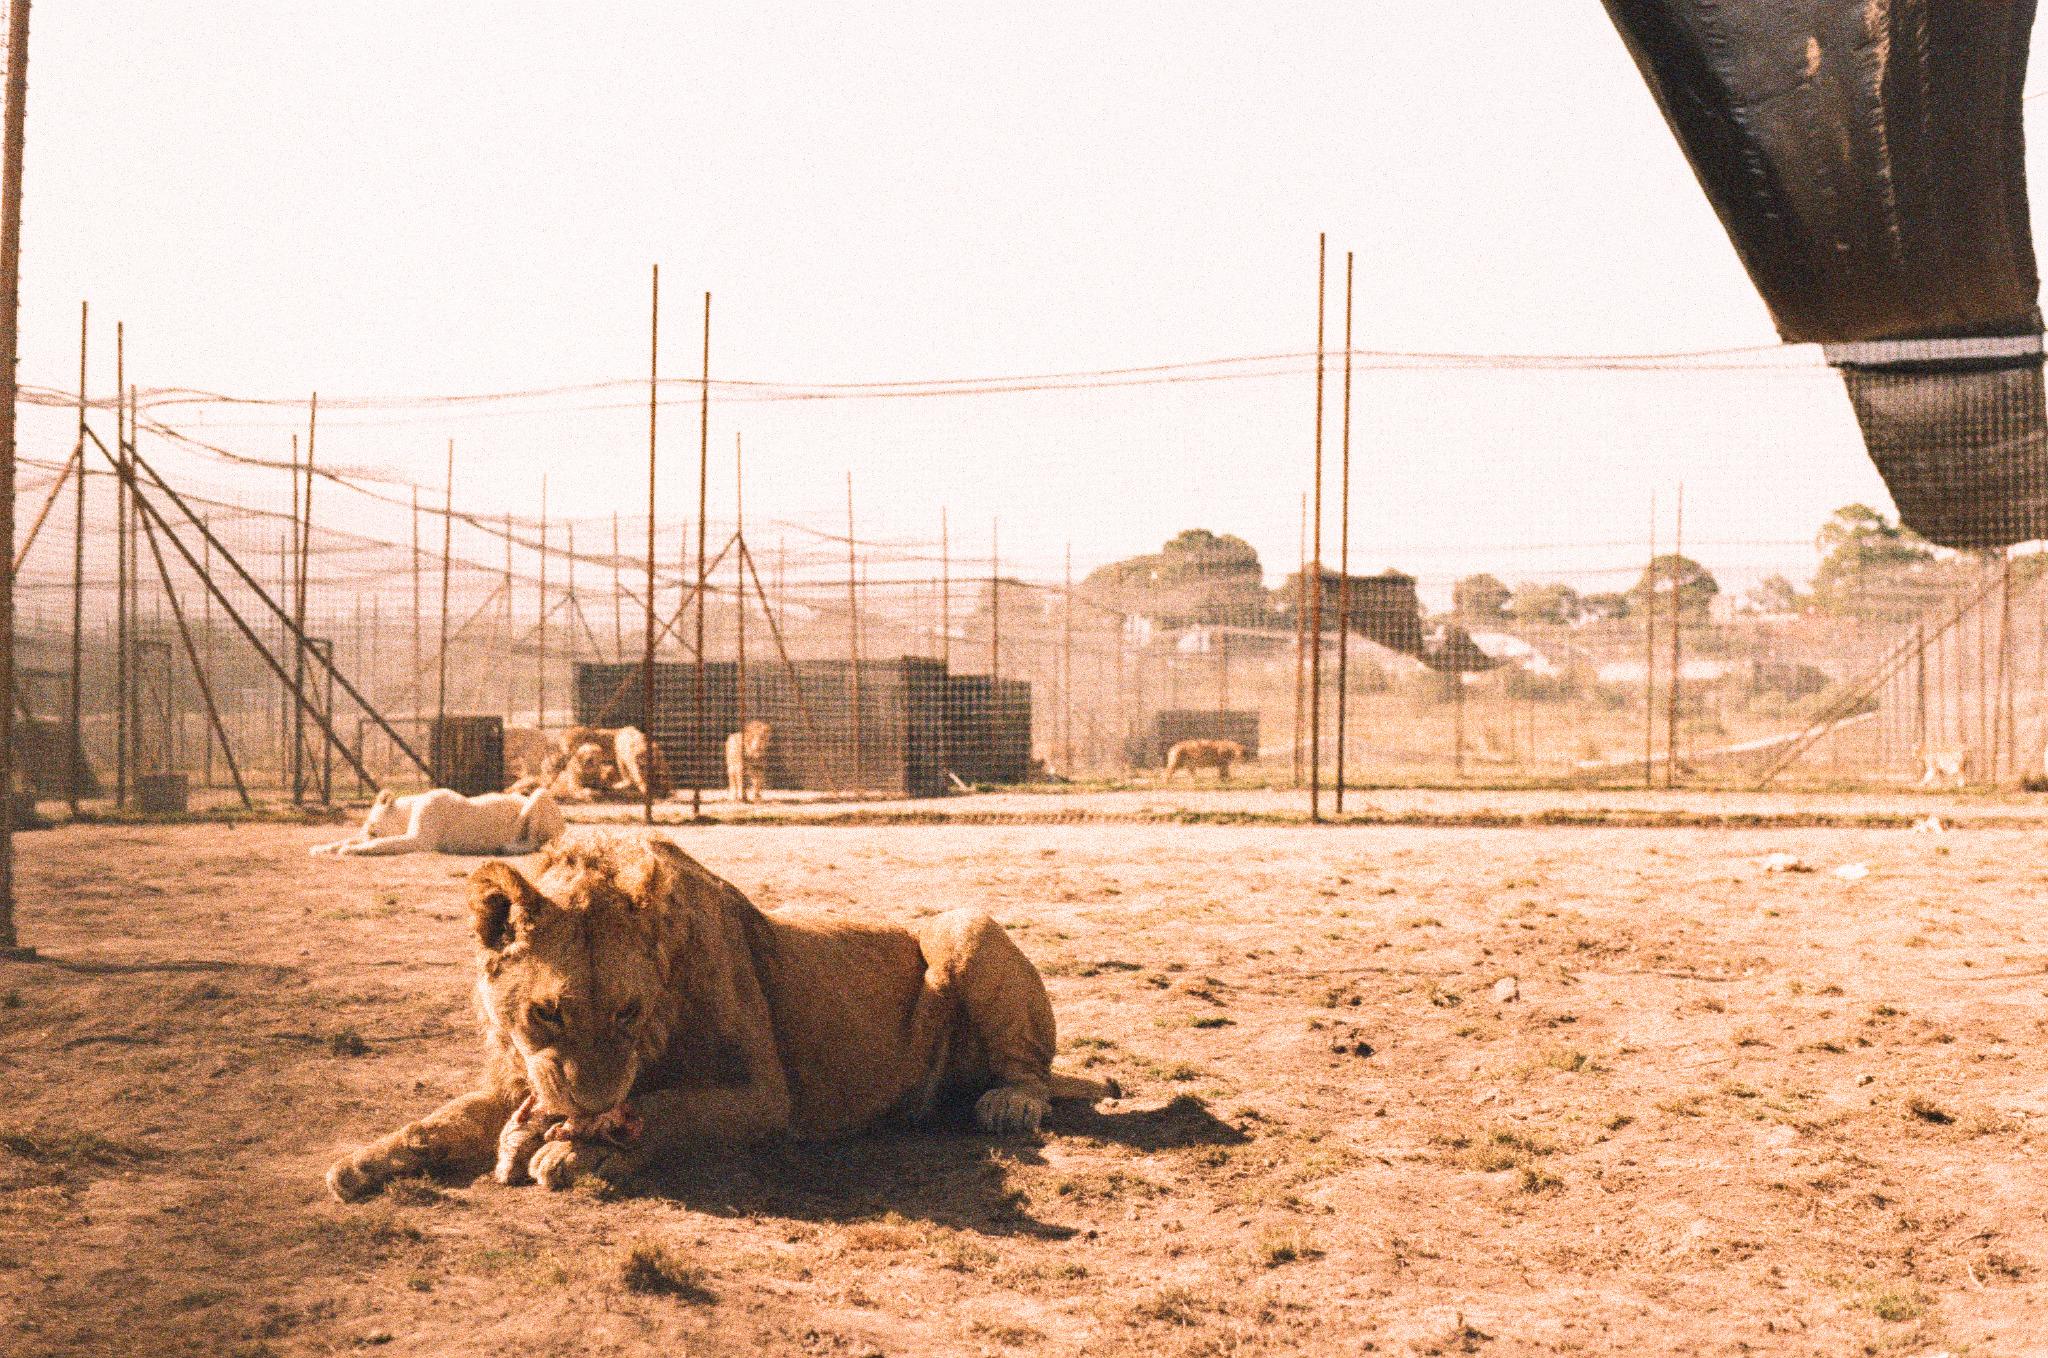 lions eating 2.jpeg